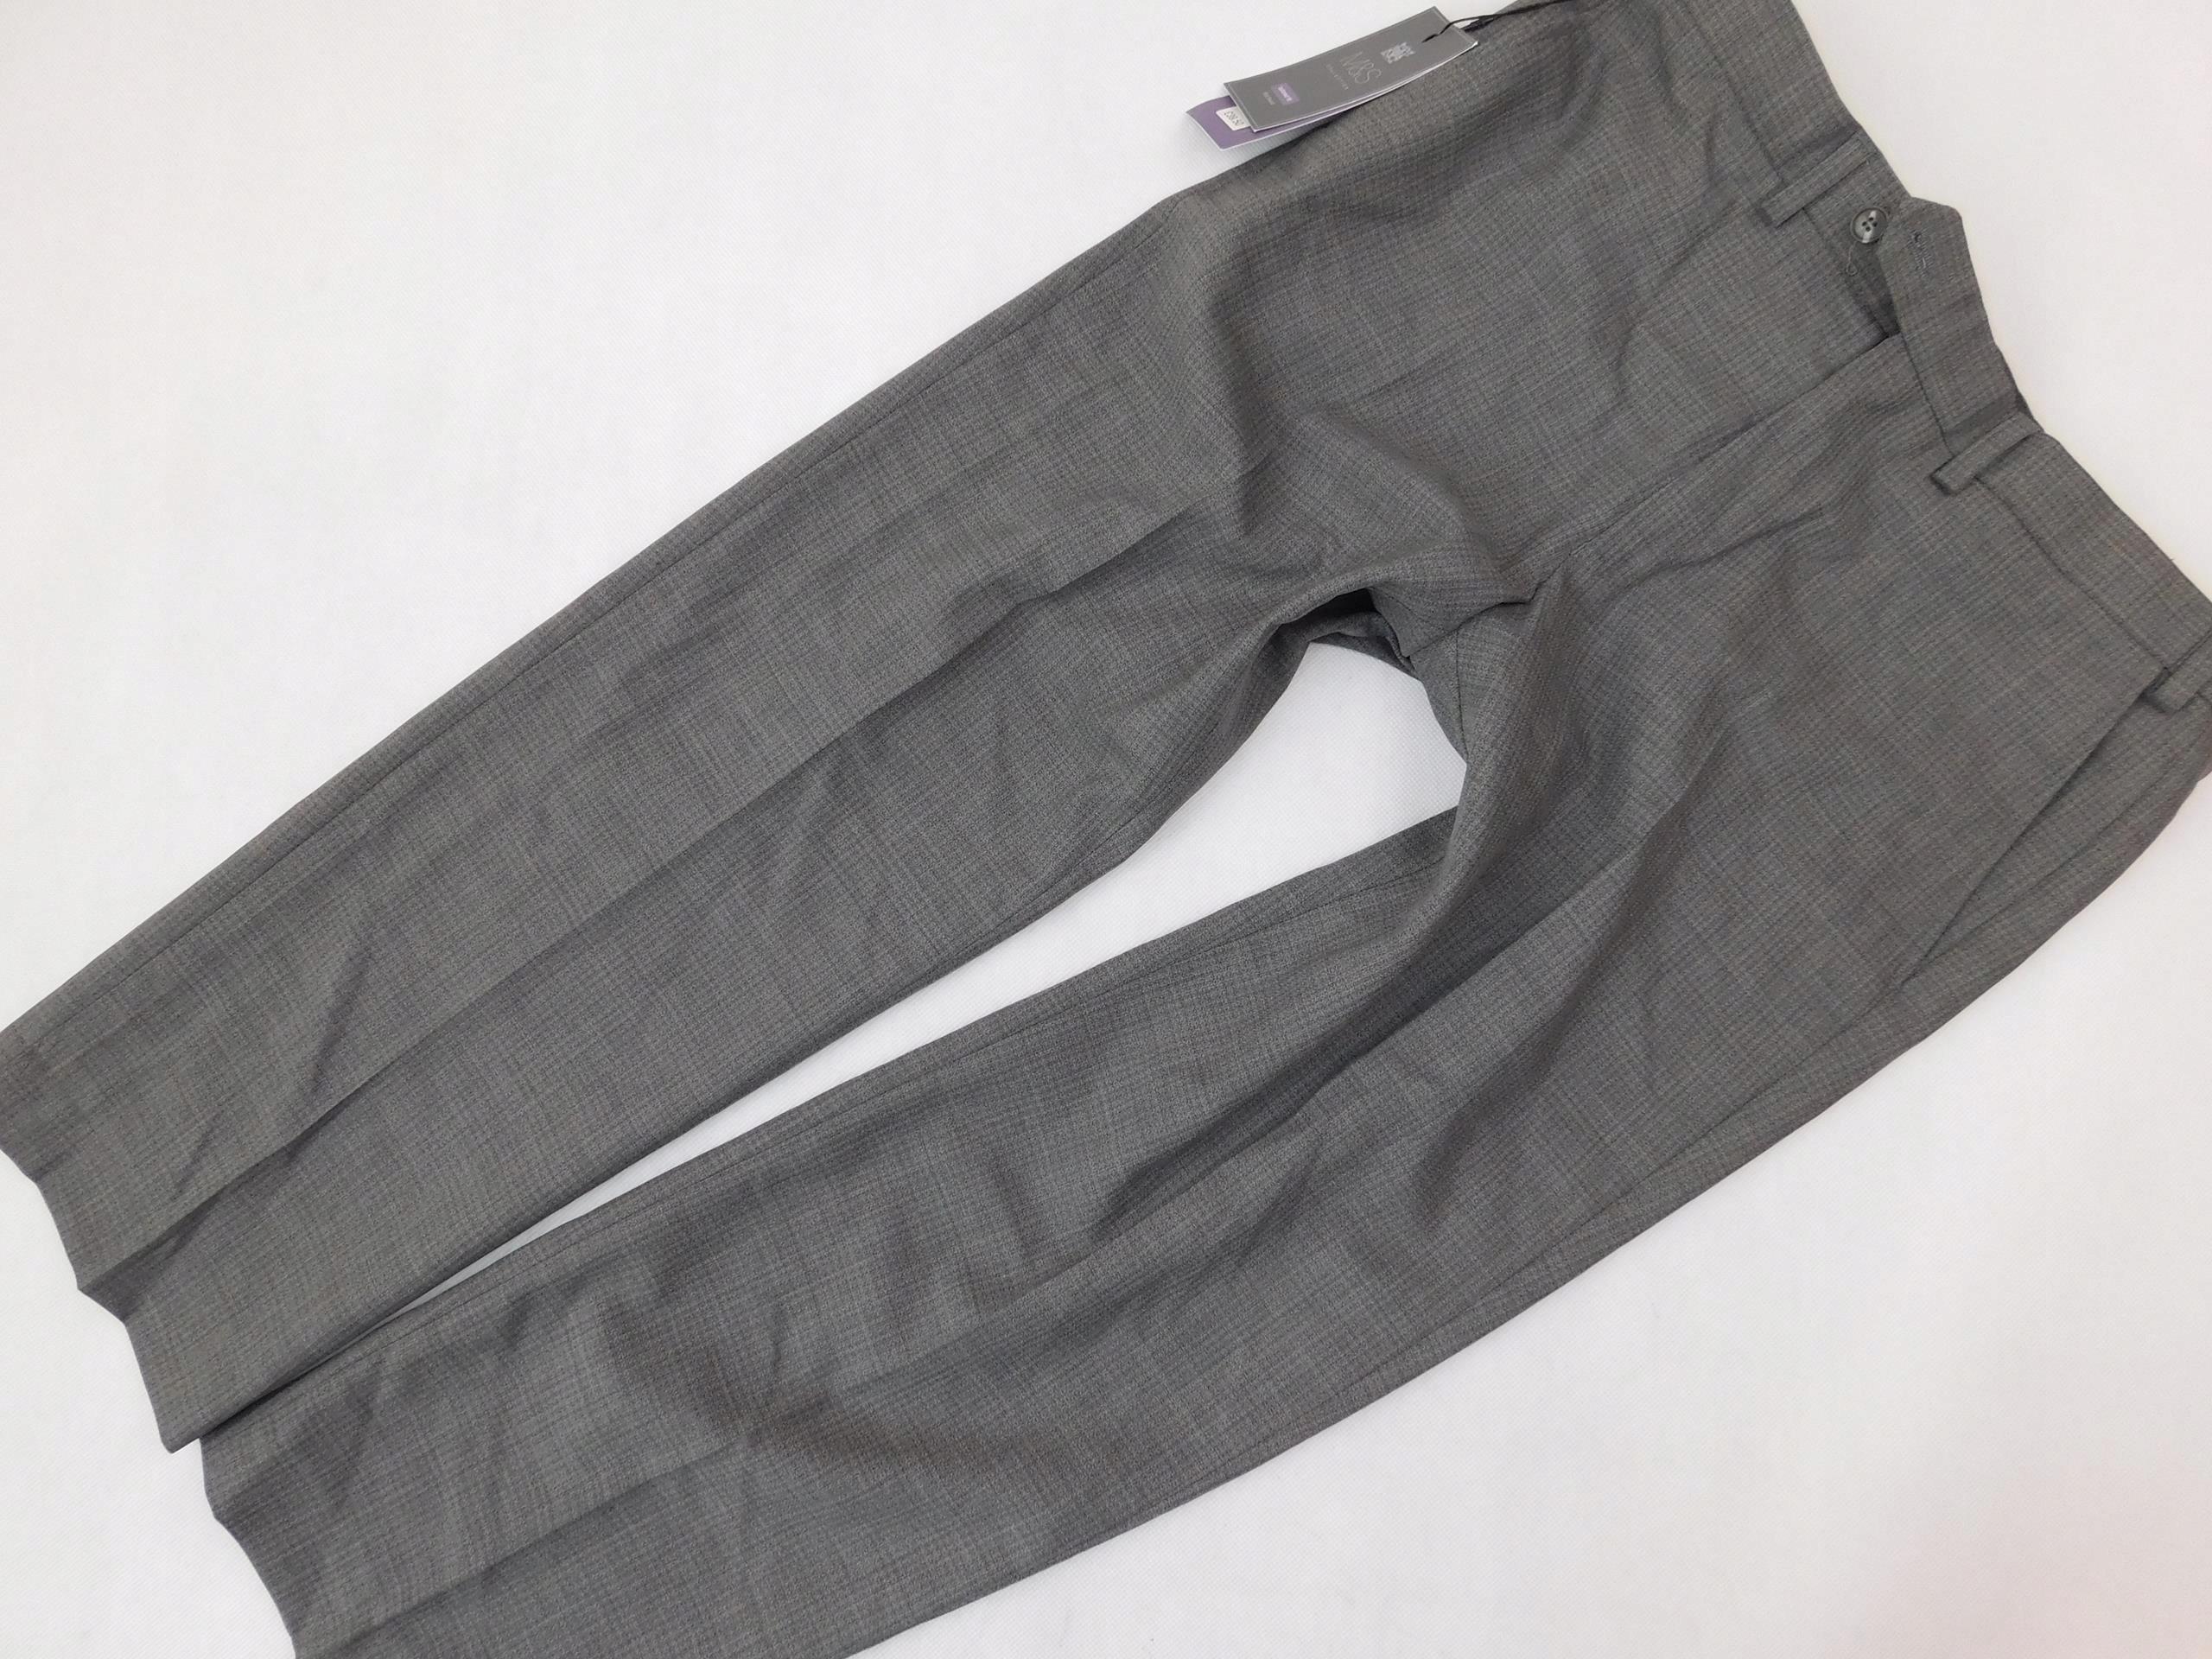 M&S spodnie SZARE casual WEŁNIANE _ W36L29